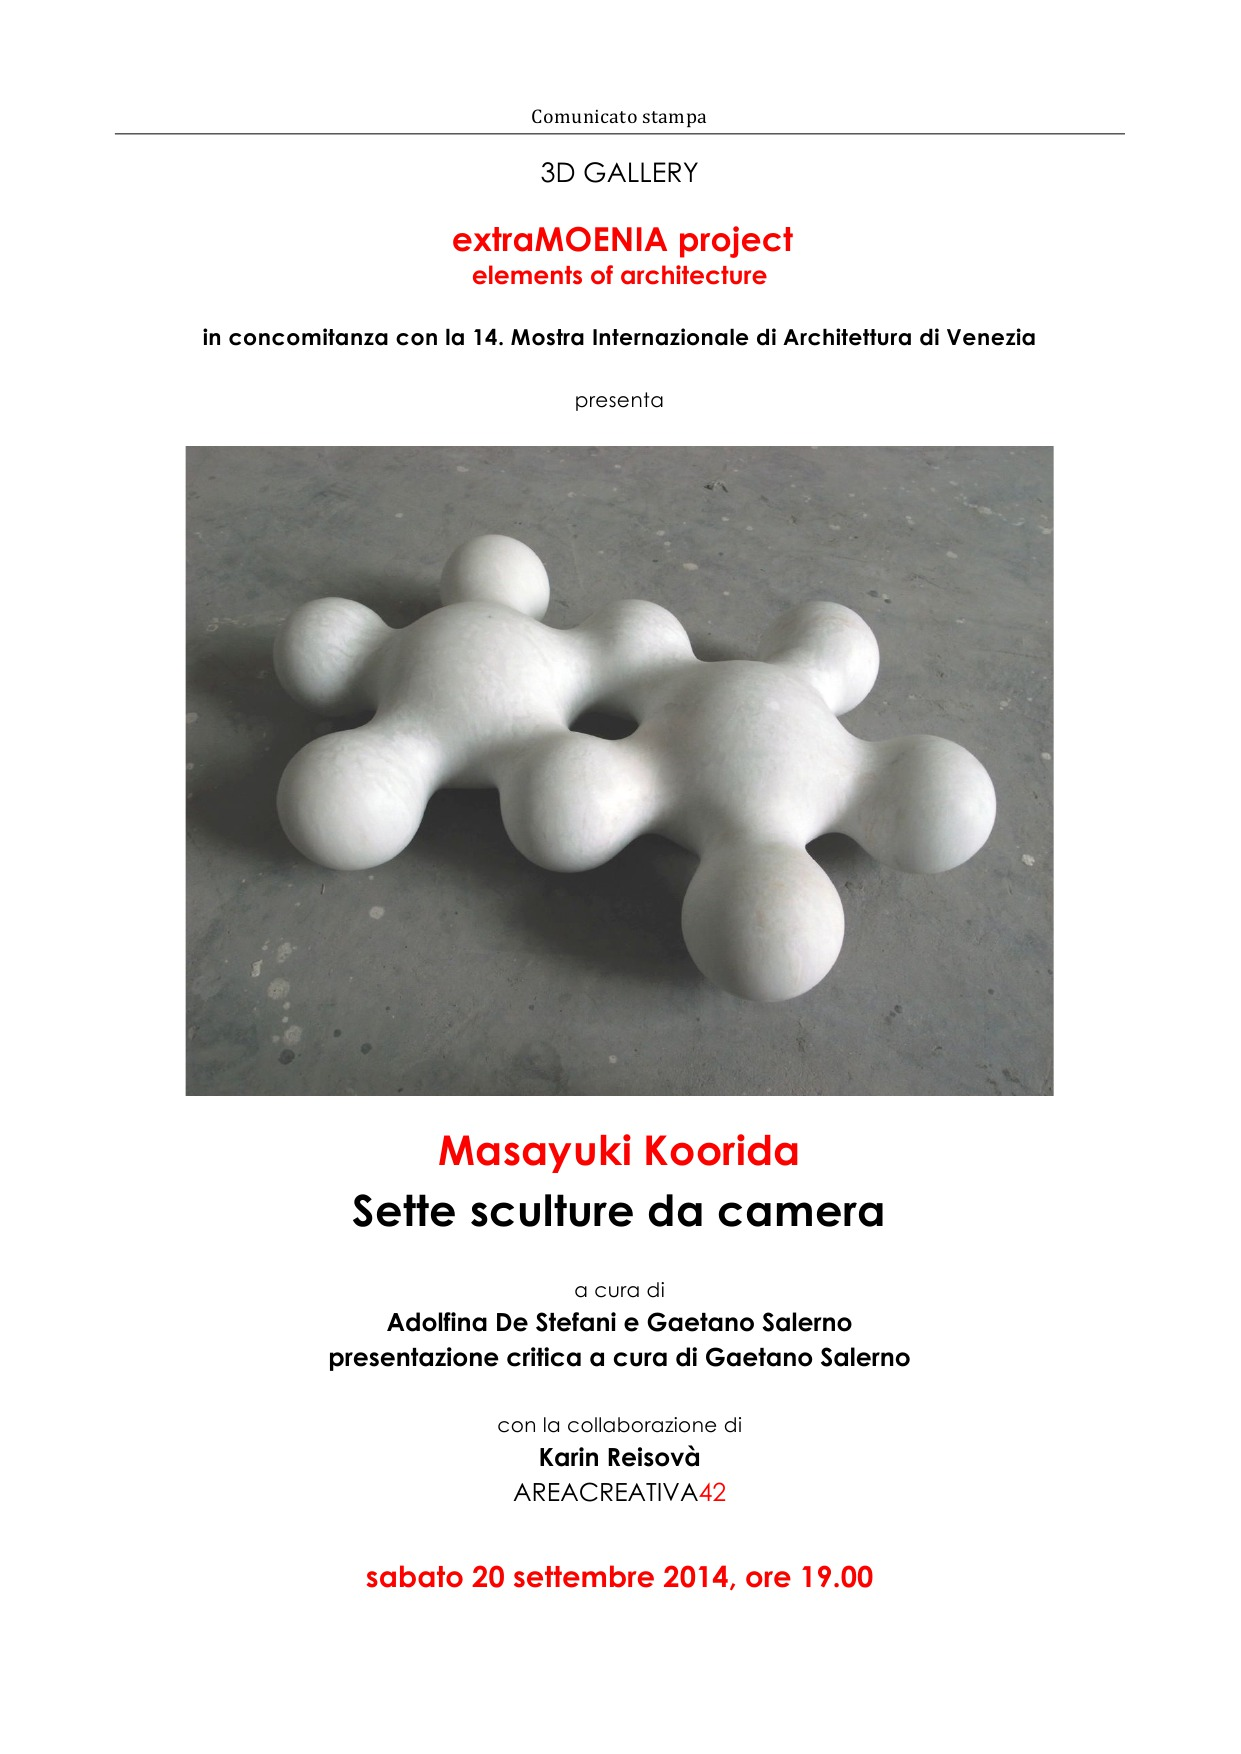 MESTRE (VE): Masayuki Koorida, sette sculture da camera - 3D Gallery con la collaborazione di Areacreativa42